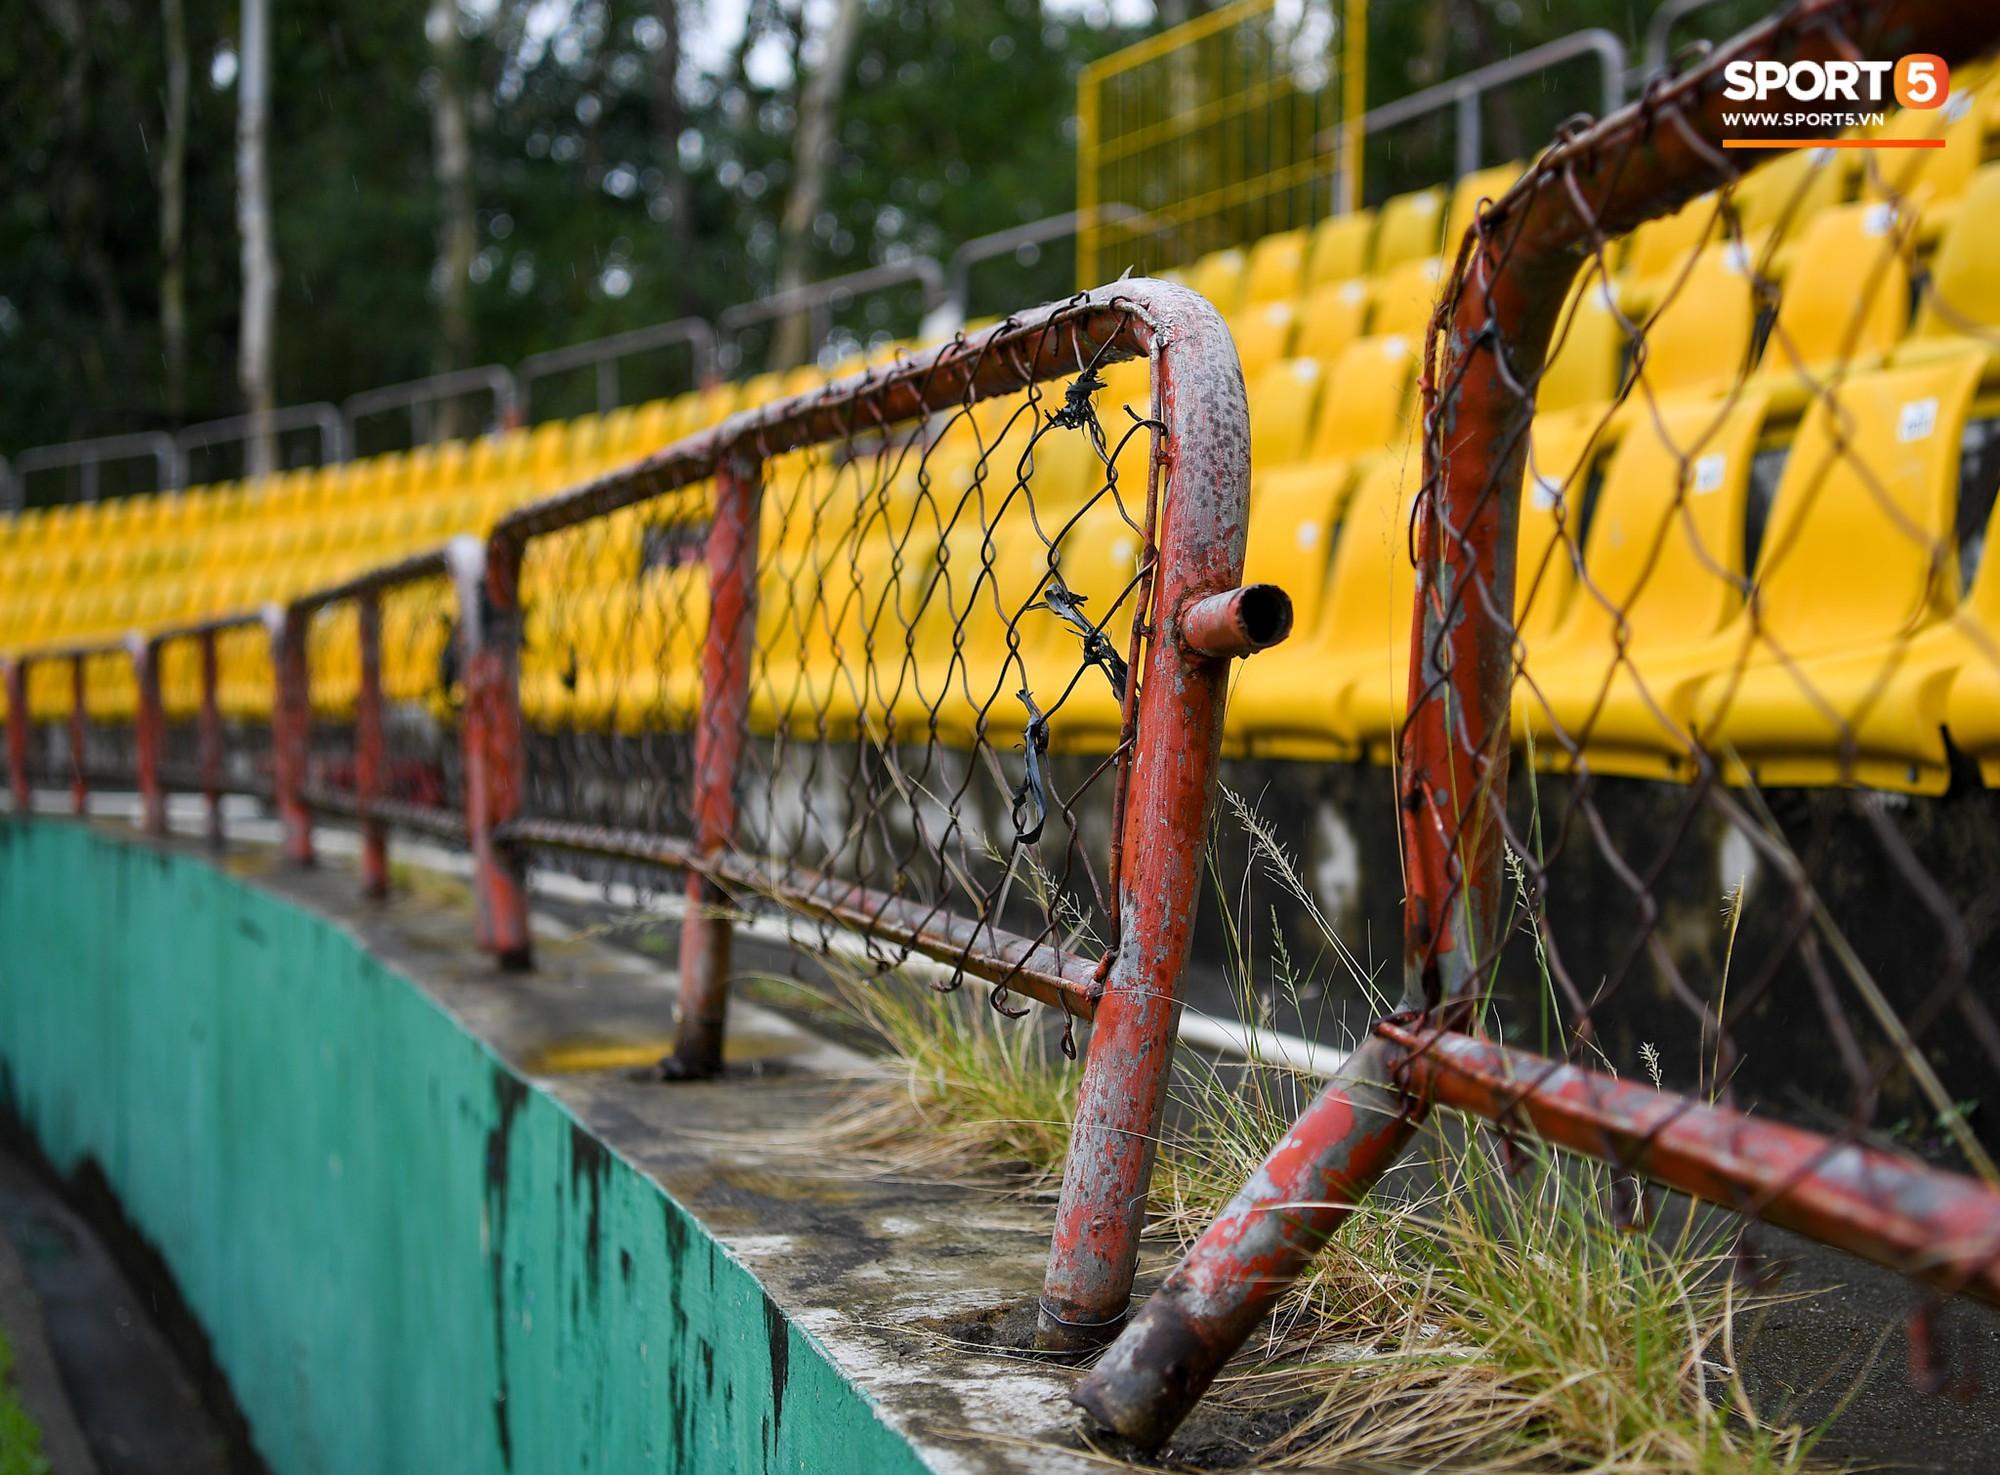 philippines - việt nam - photo 10 1543472910189223542195 - Sân thi đấu trận Philippines – Việt Nam: Tệ nhất AFF Cup 2018, khiến nhiều người rùng mình vì vẻ hoang tàn, u ám